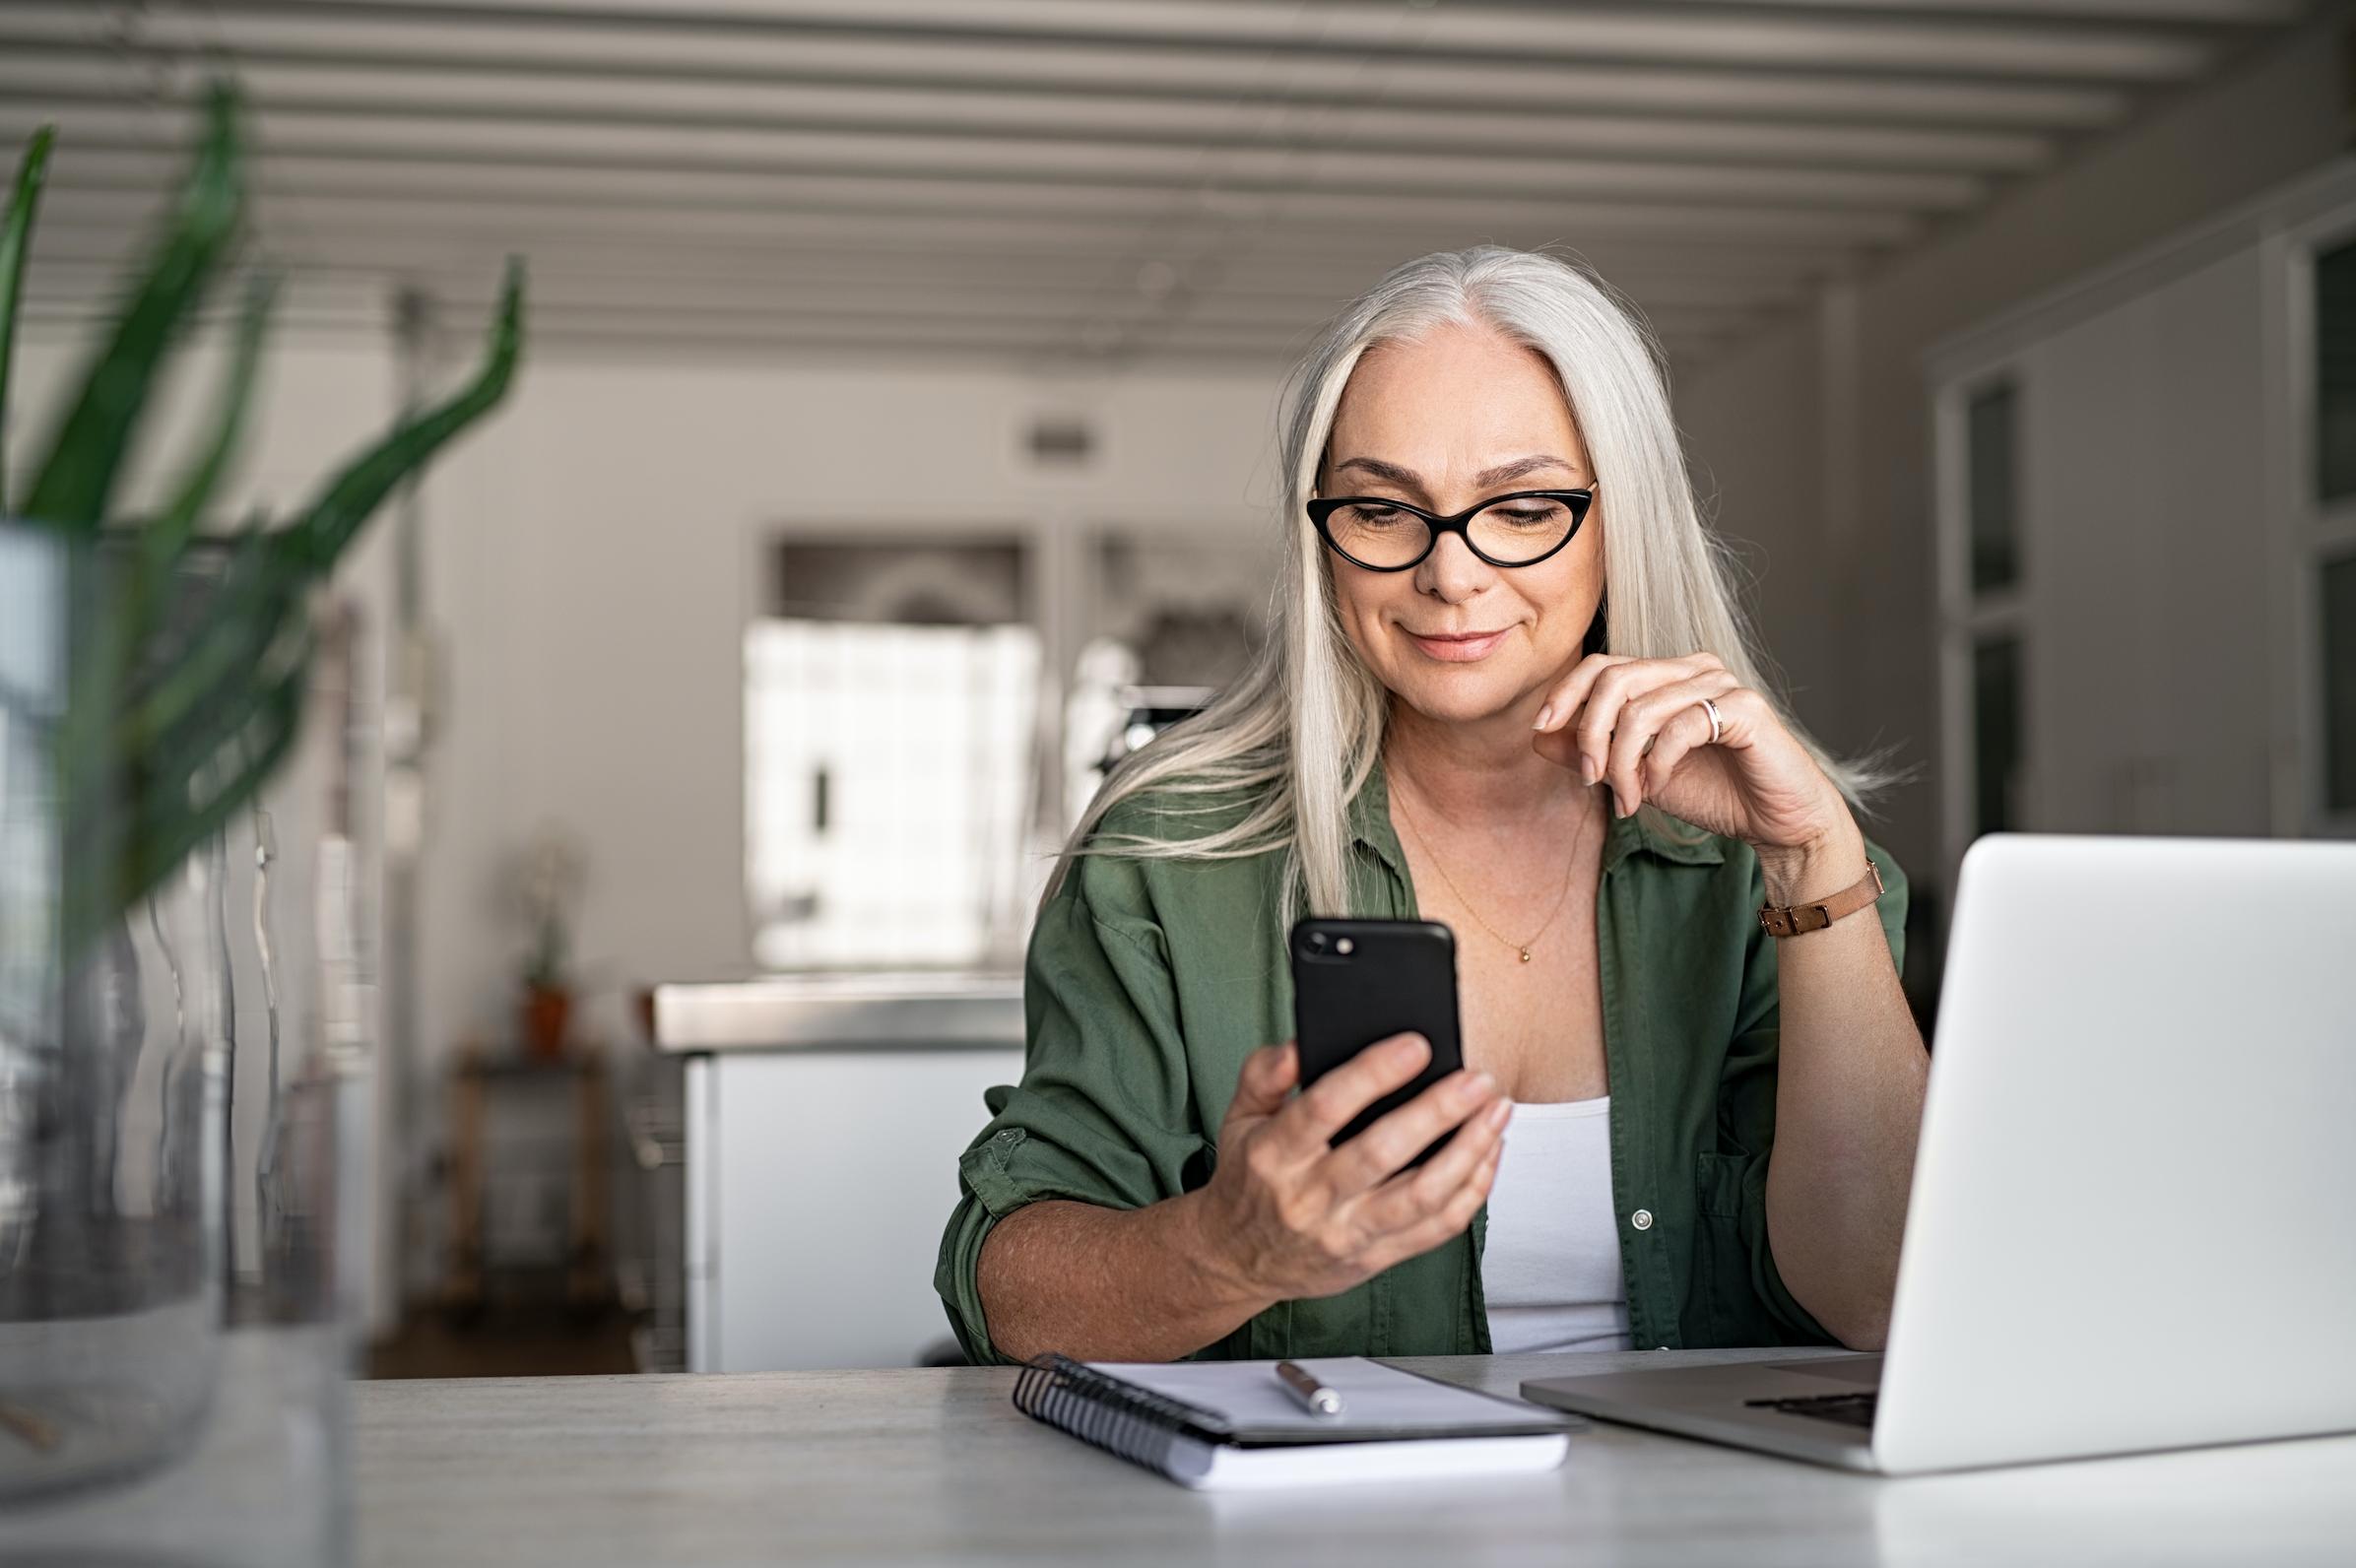 La banca digital es lo de hoy. Confía en su seguridad